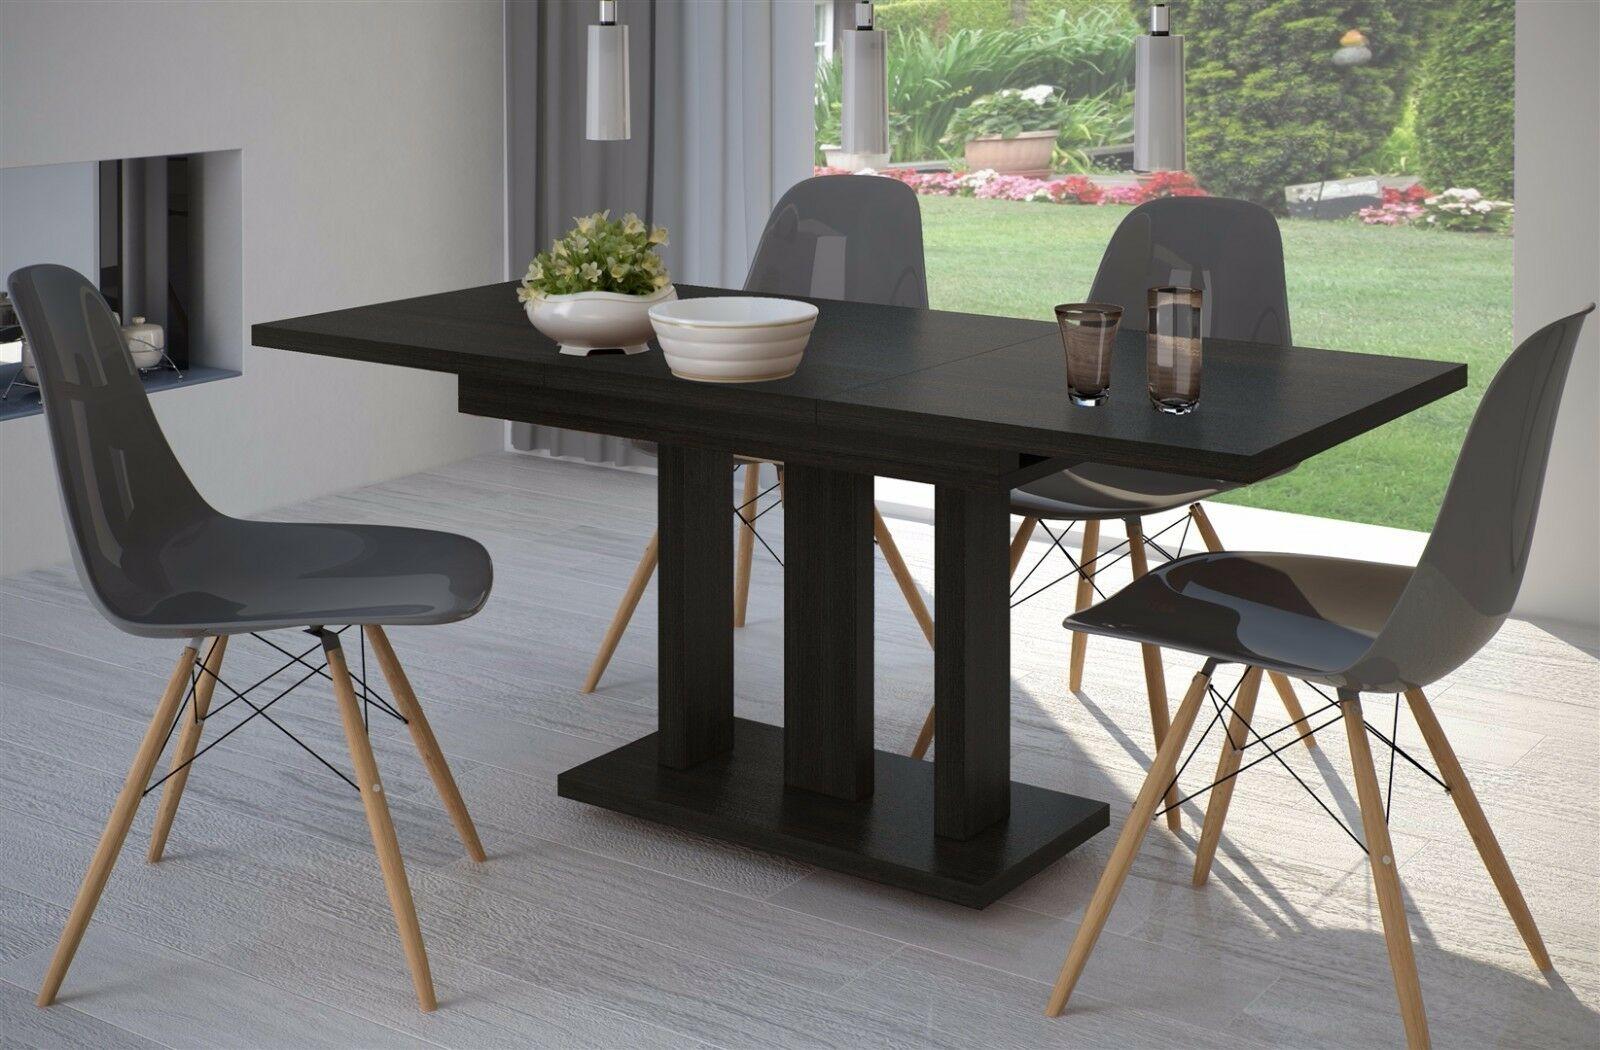 Esstisch ausziehbar design  Säulentisch Wenge 120cm edler Esstisch ausziehbar Holz Auszugtisch modern  design